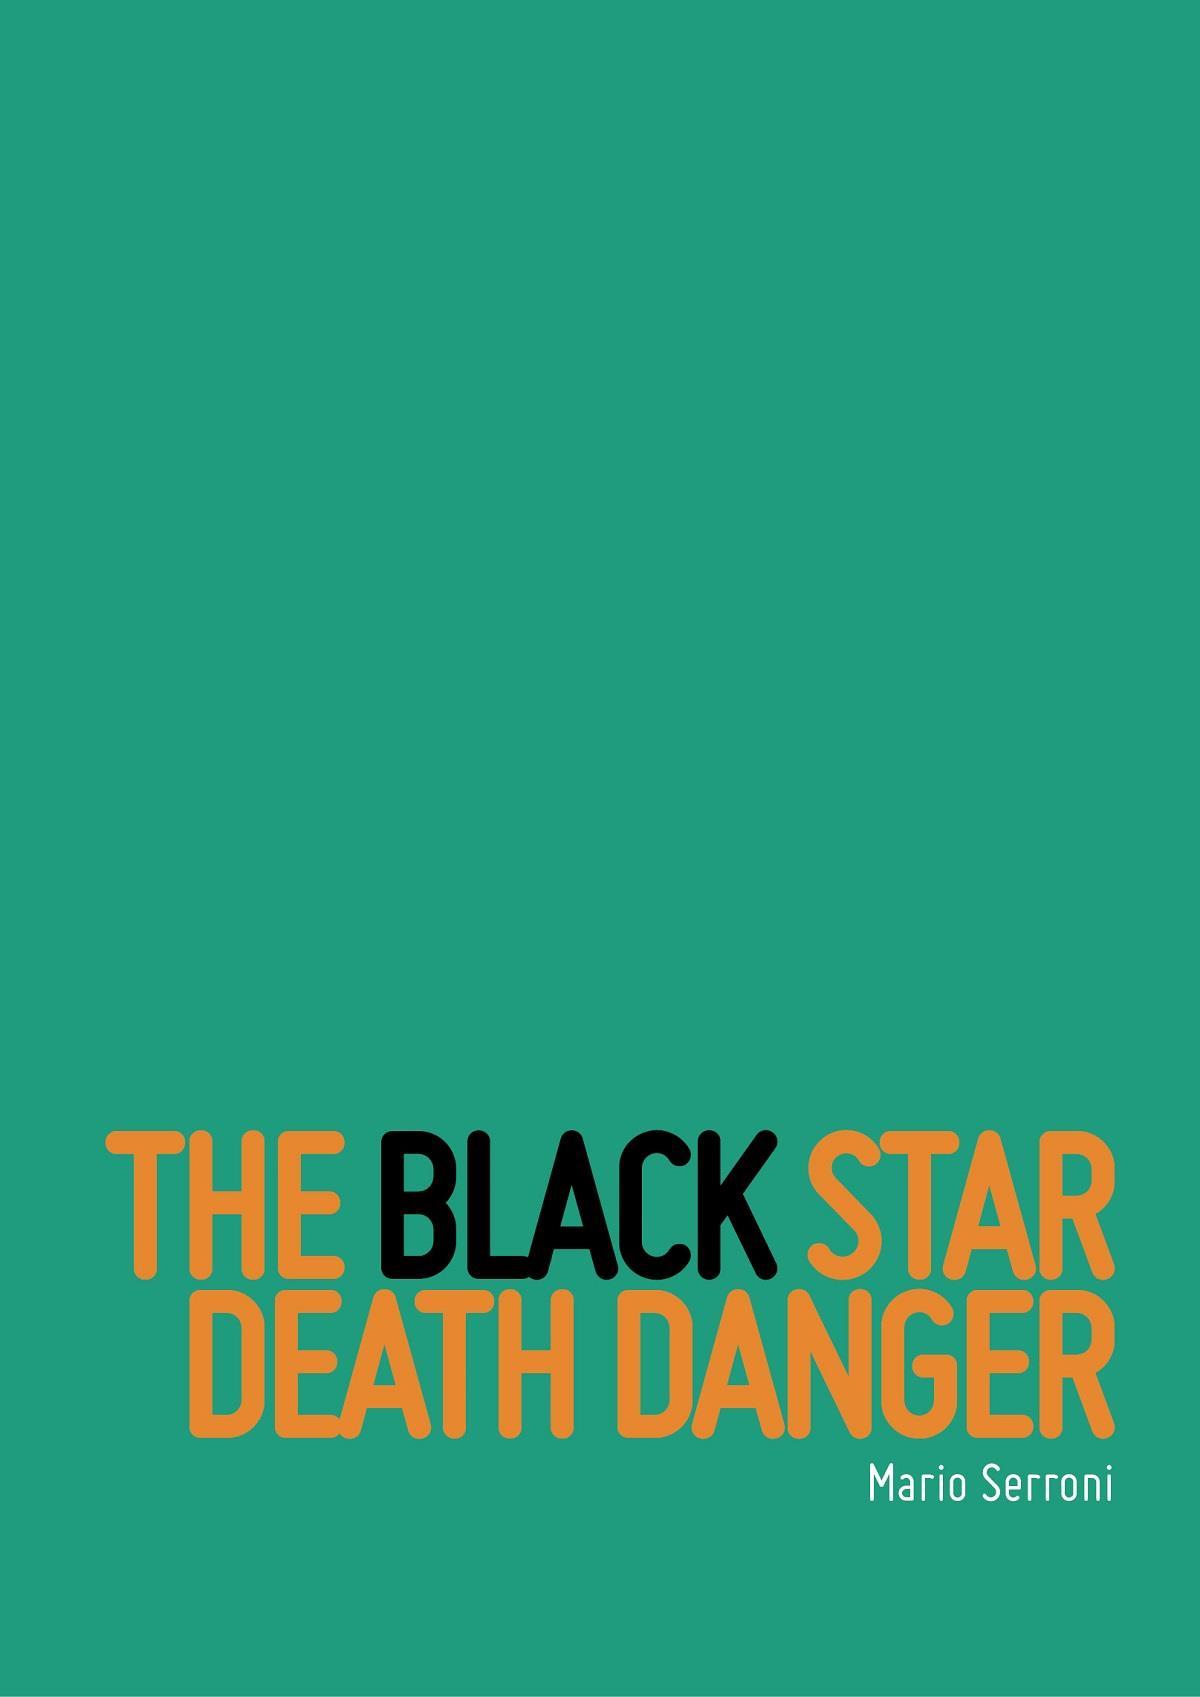 The Black Star Death Danger